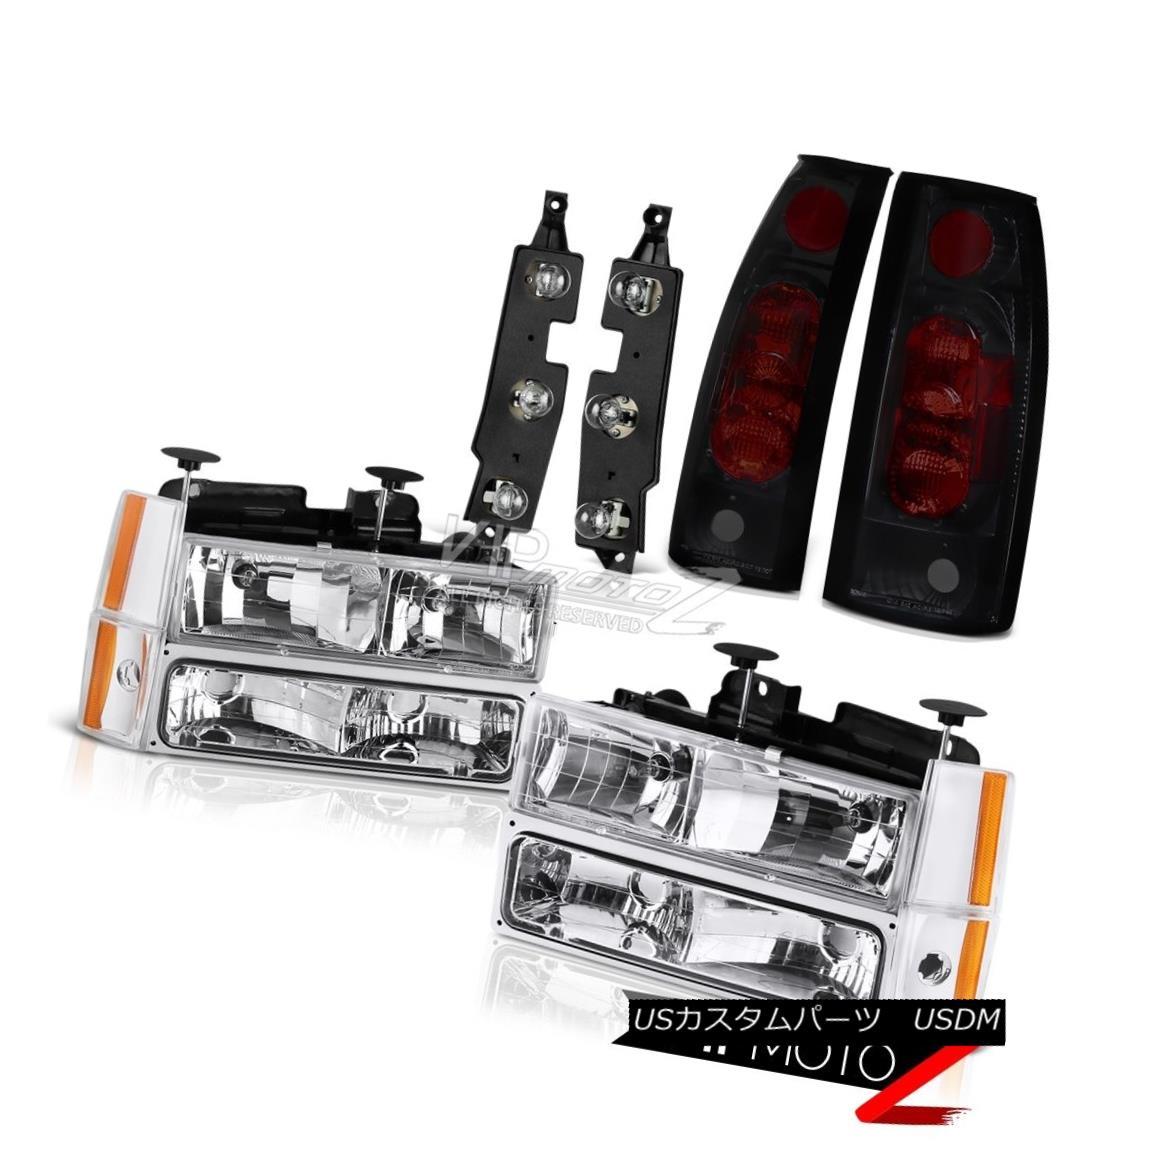 ヘッドライト 1988-1993 Chevy K2500 Tail Light Panel Headlights Signal Parking Taillamps L+R 1988-1993 Chevy K2500テールライトパネルヘッドランプ信号駐車用テールランプL + R